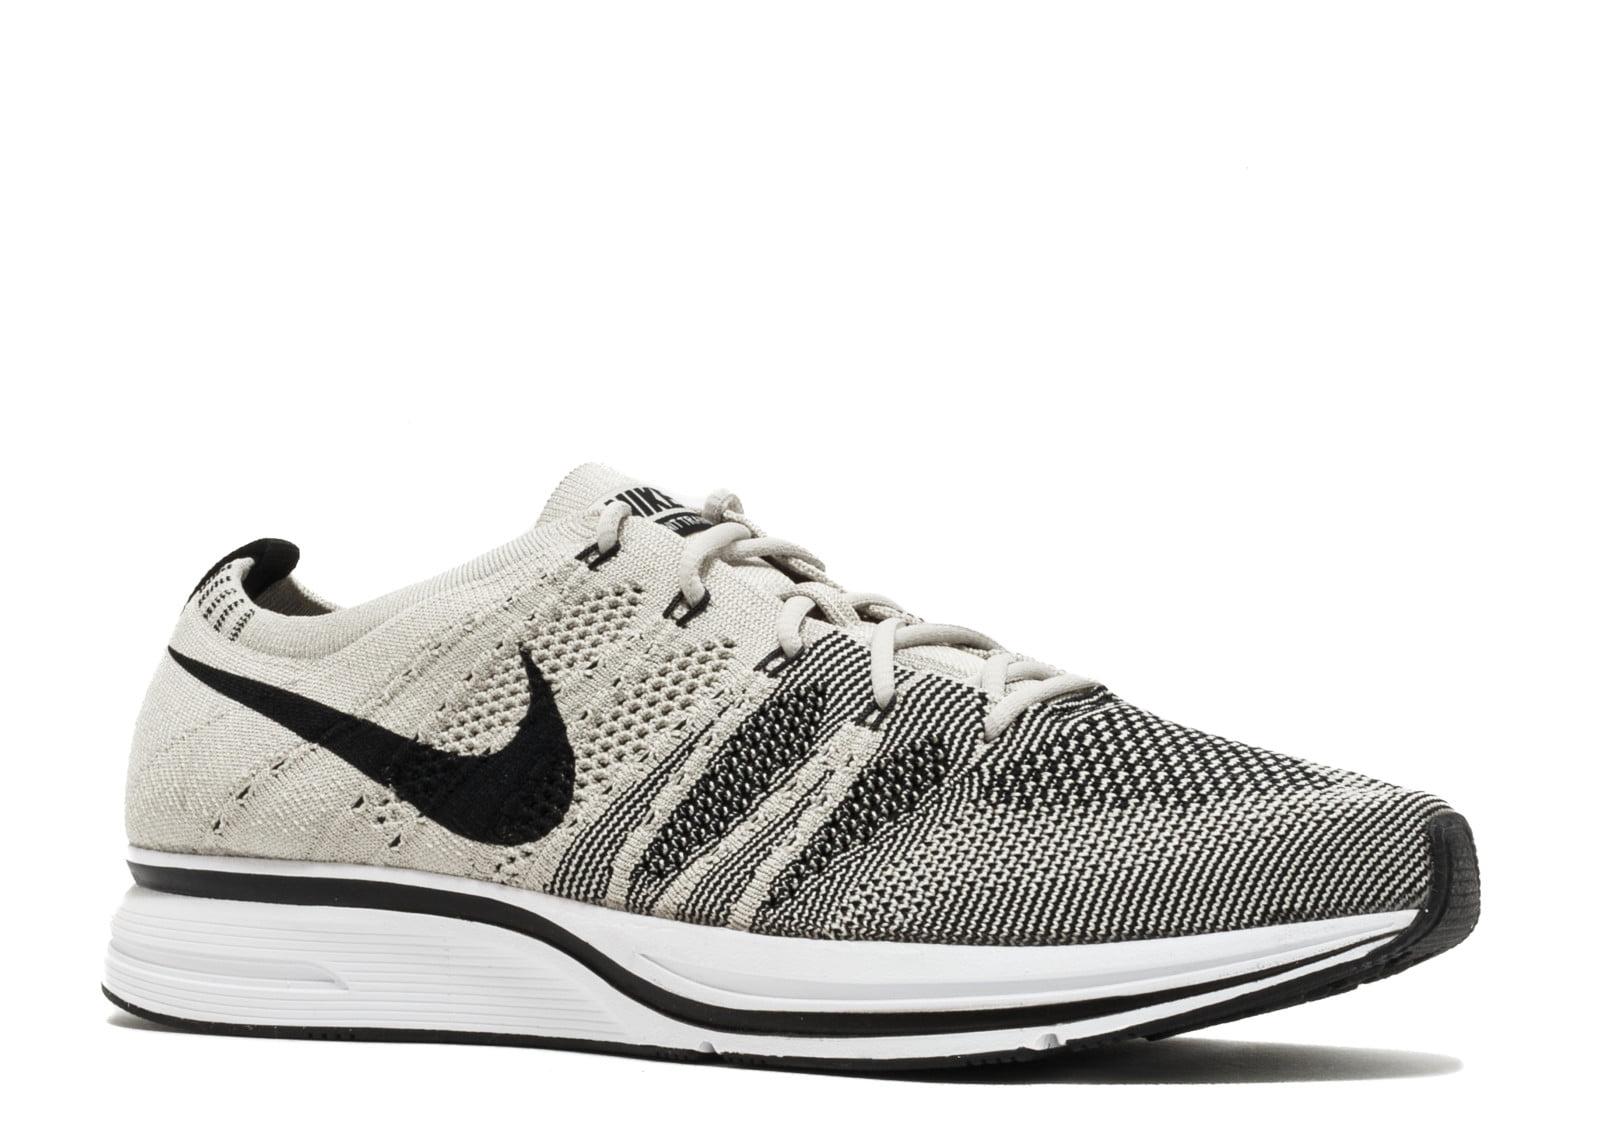 571162a52bda Nike - Men - Nike Flyknit Trainer  Pale Grey  - Ah8396-001 - Size 15